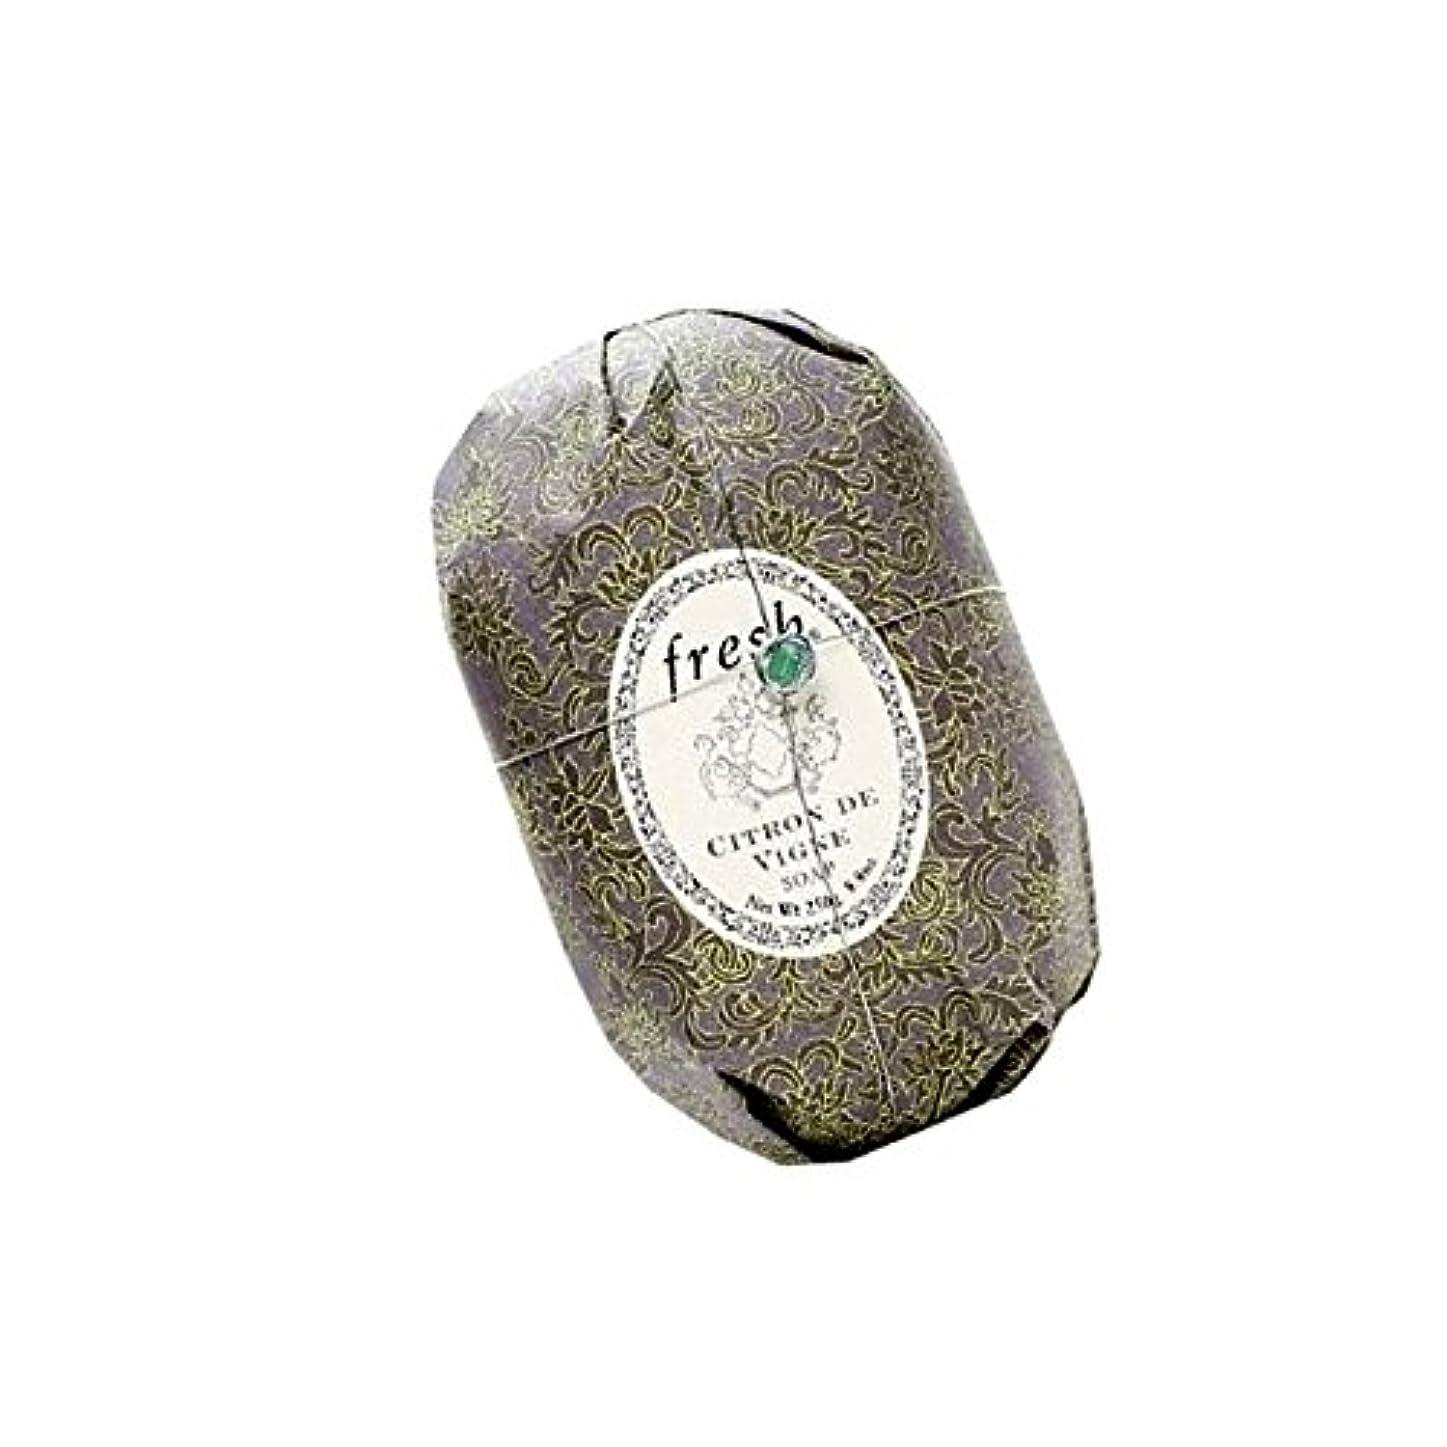 バルコニー消防士バスタブFresh フレッシュ Citron de Vigne Soap 石鹸, 250g/8.8oz. [海外直送品] [並行輸入品]